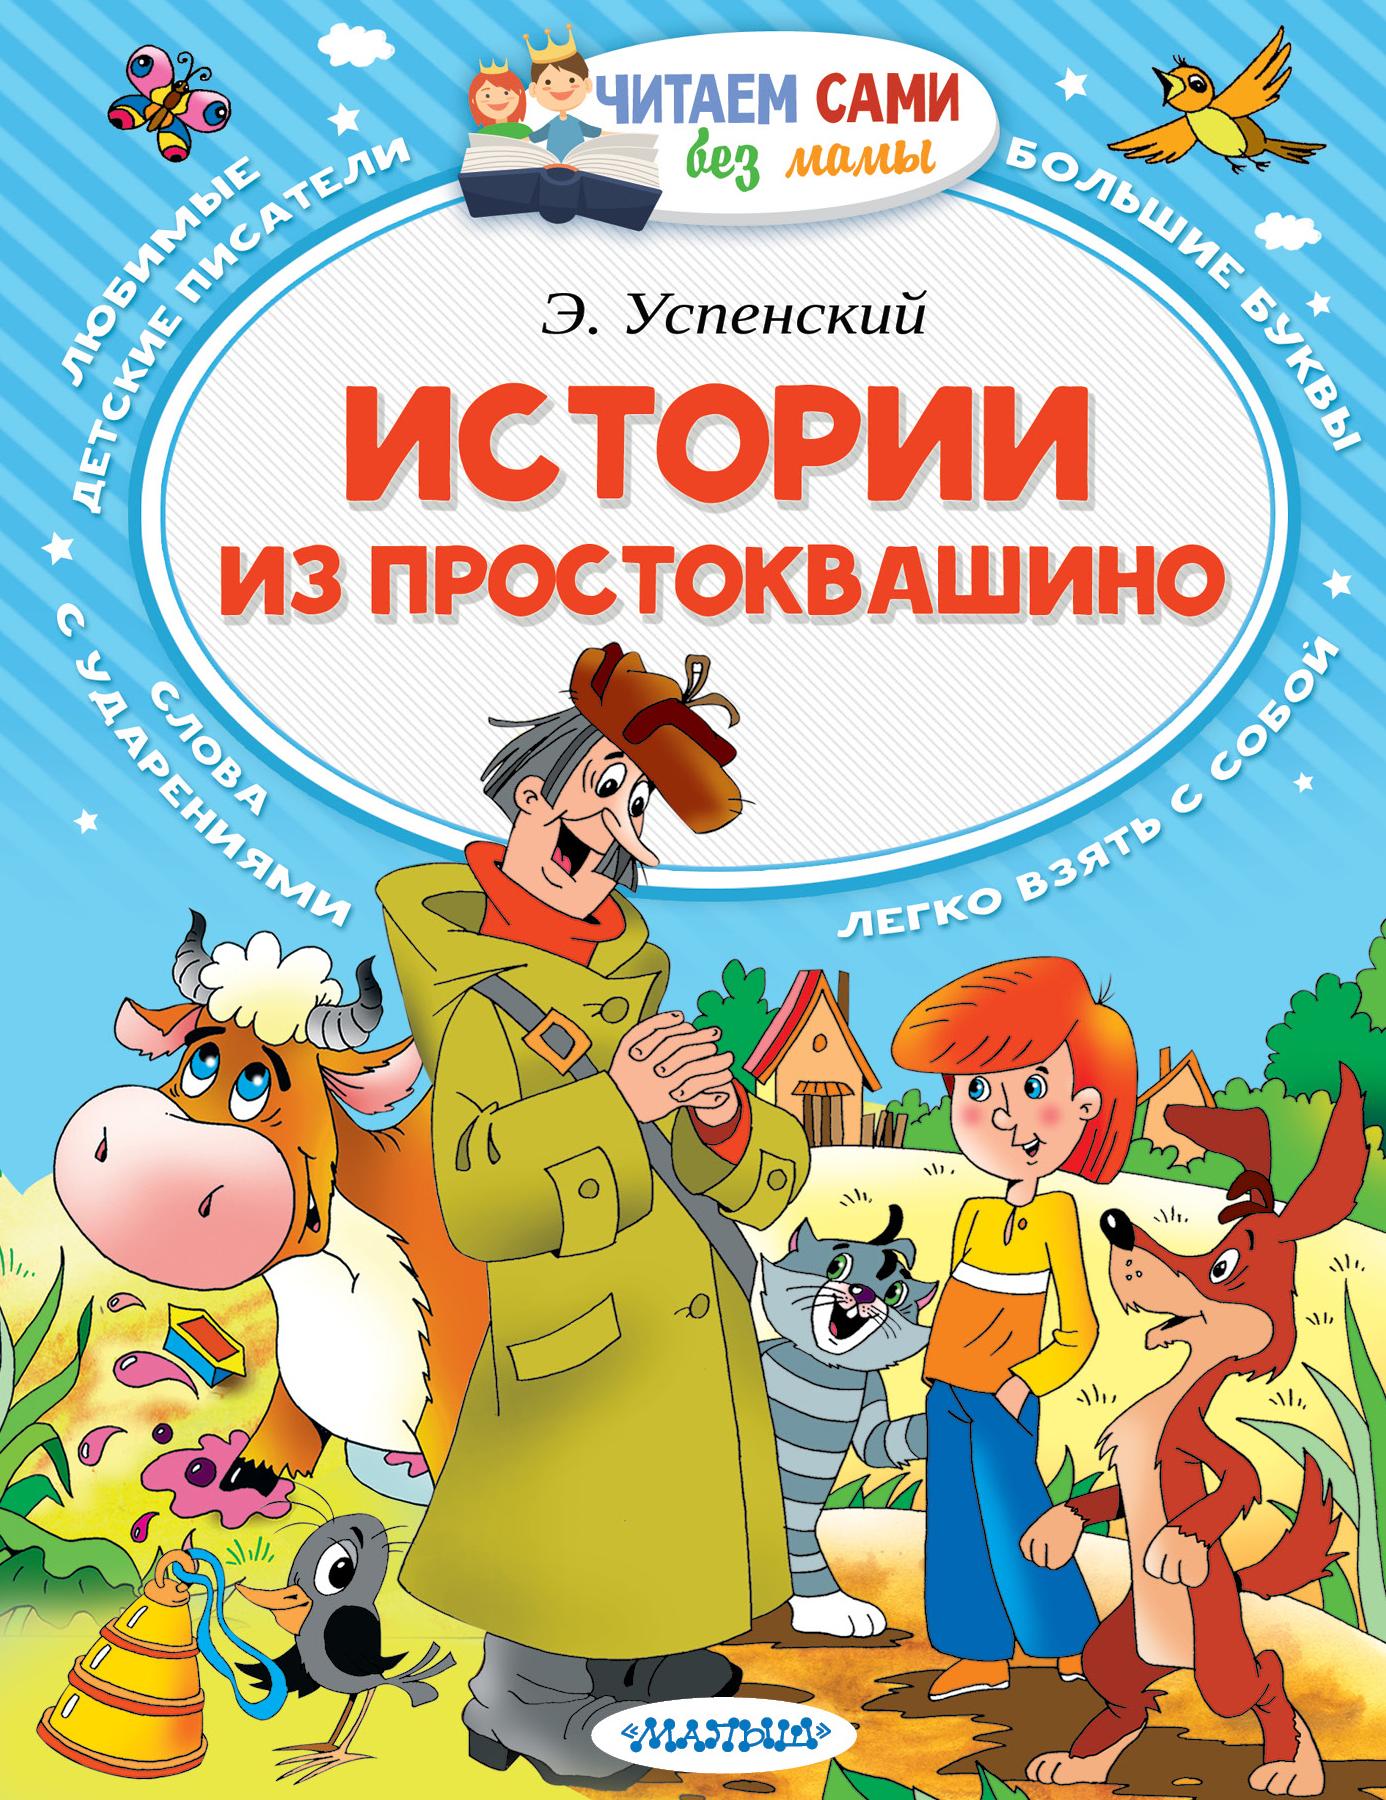 Истории из Простоквашино (сборник)